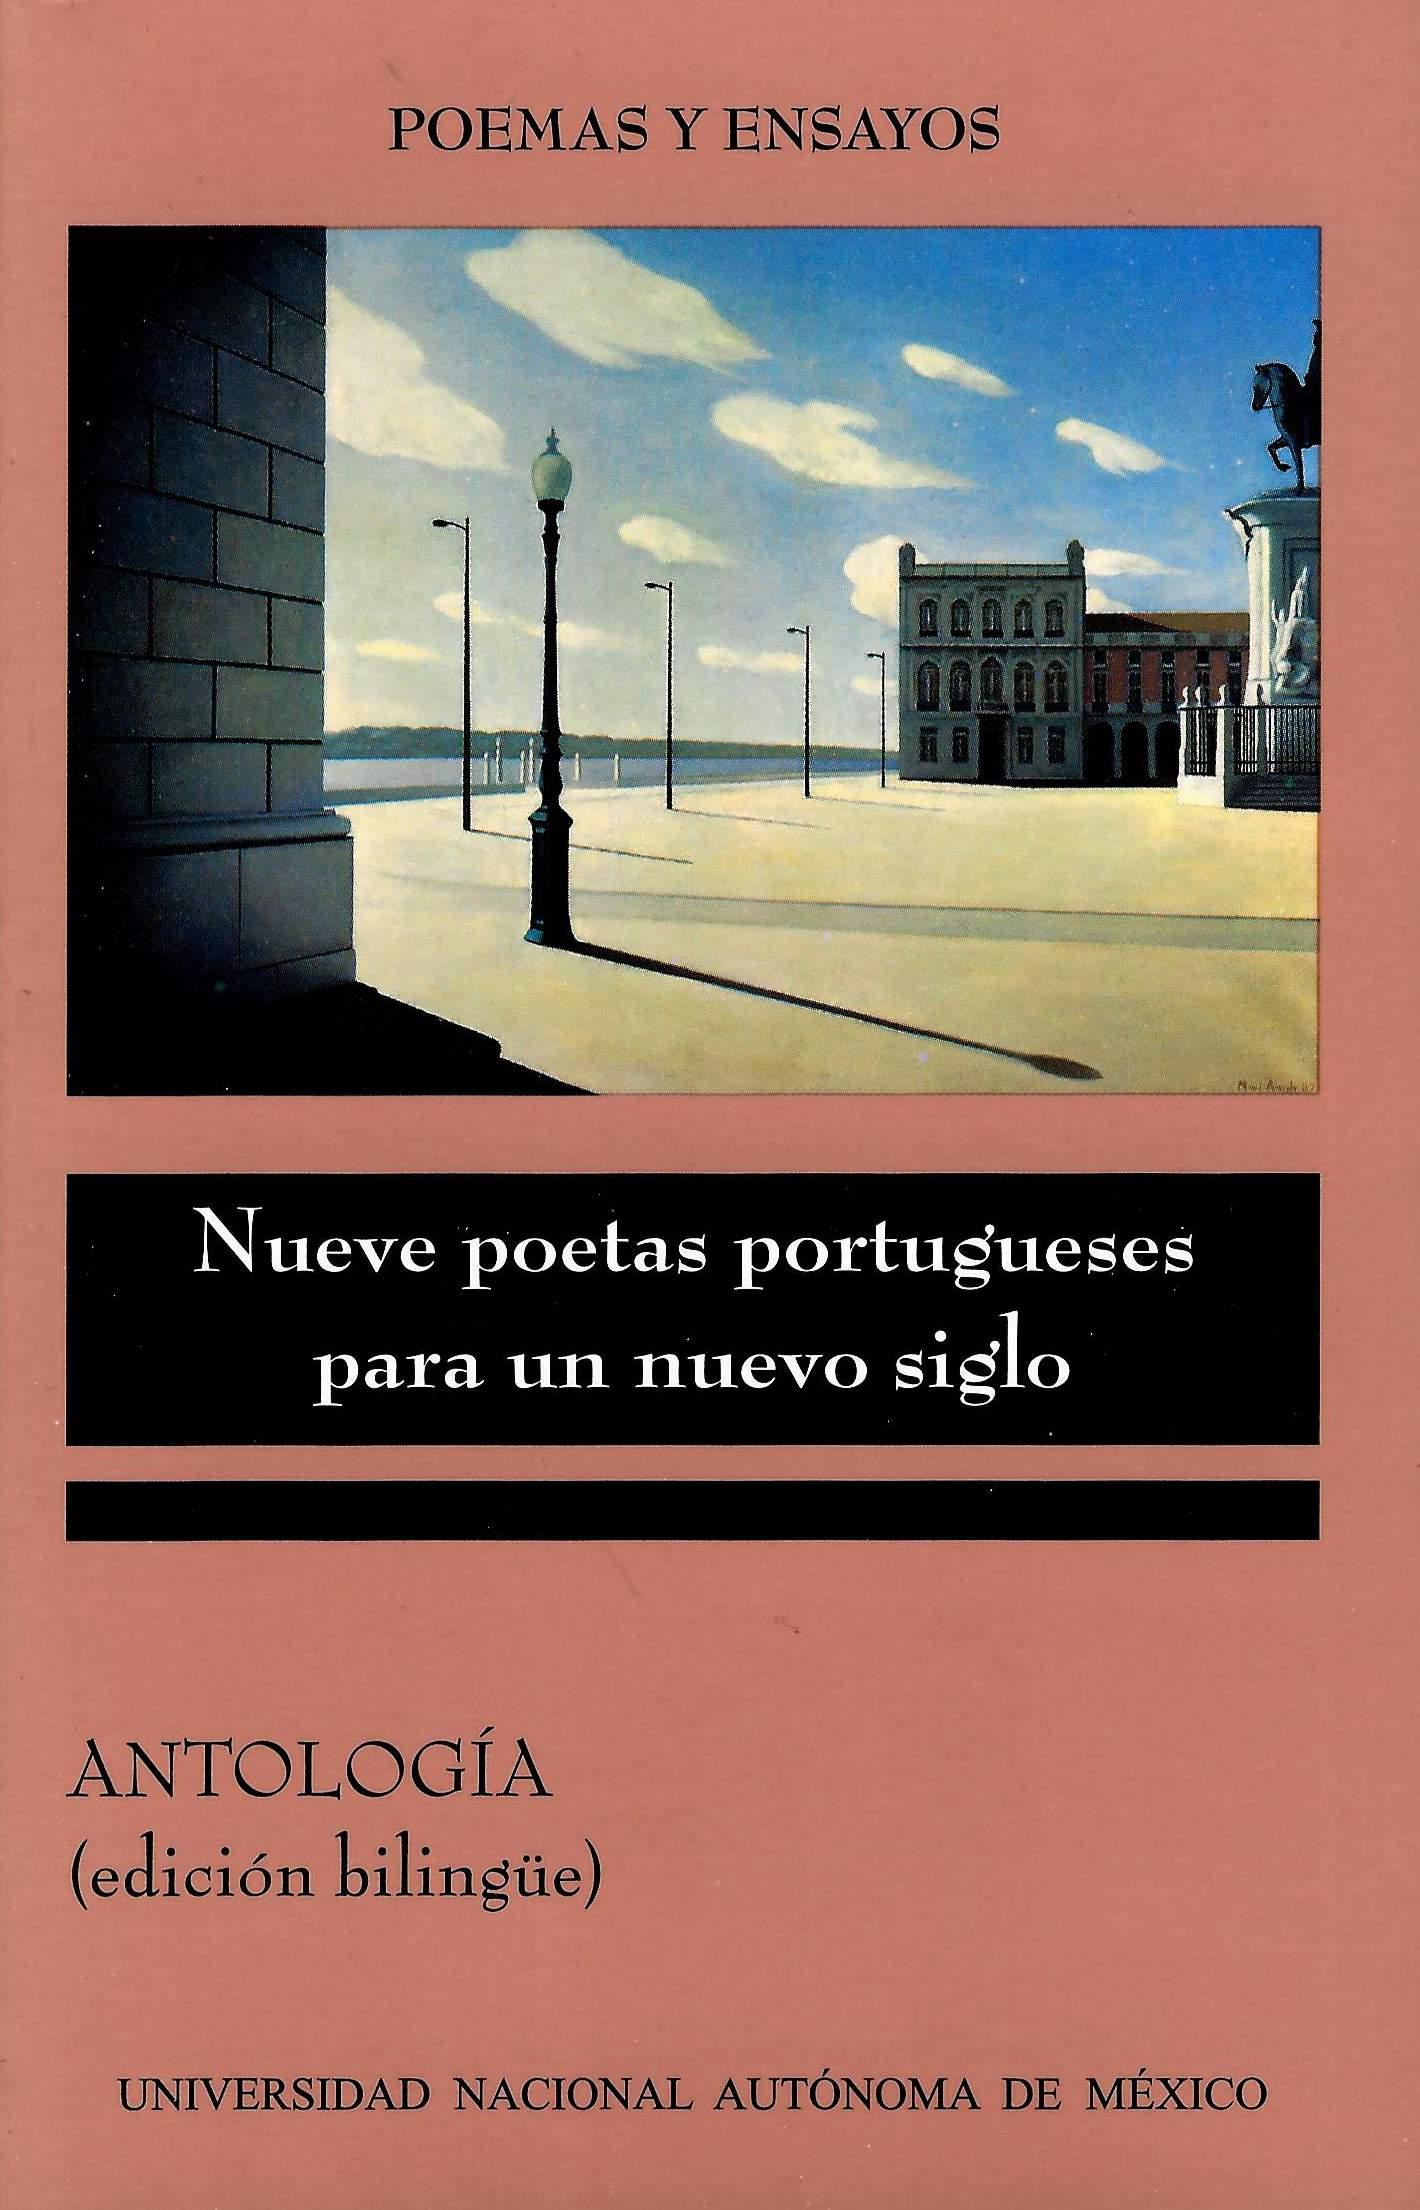 Nueve poetas portugueses para un nuevo siglo. Antología (edición bilingüe)